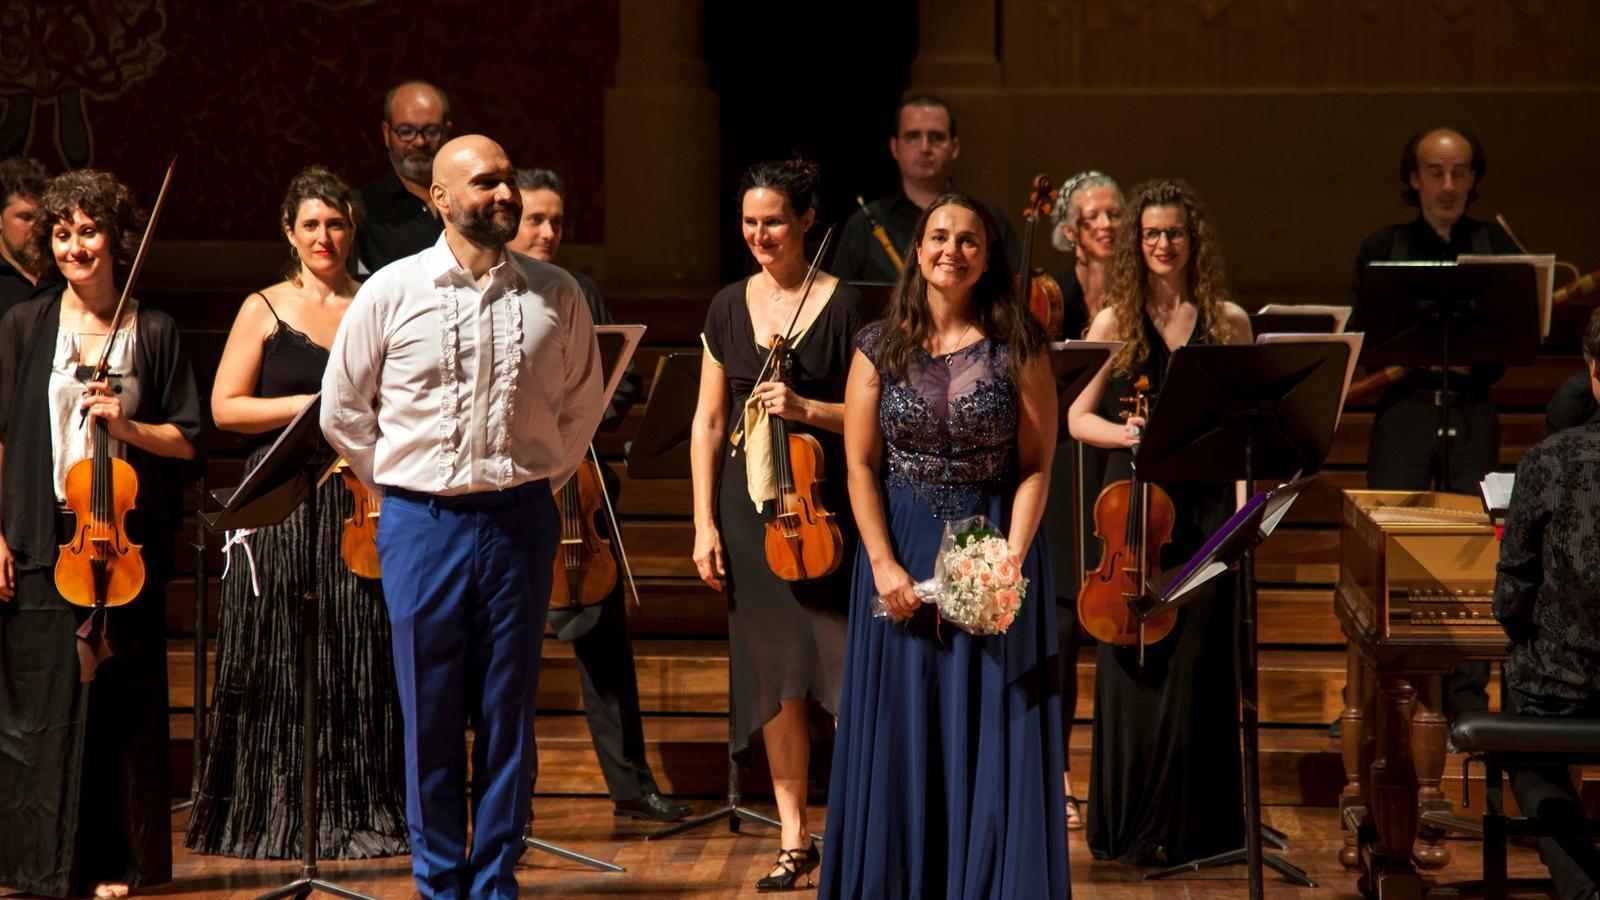 Xavier Sabata, Núria Rial i Vespres d'Arnadí rebent l'ovació del públic del Palau de la Música